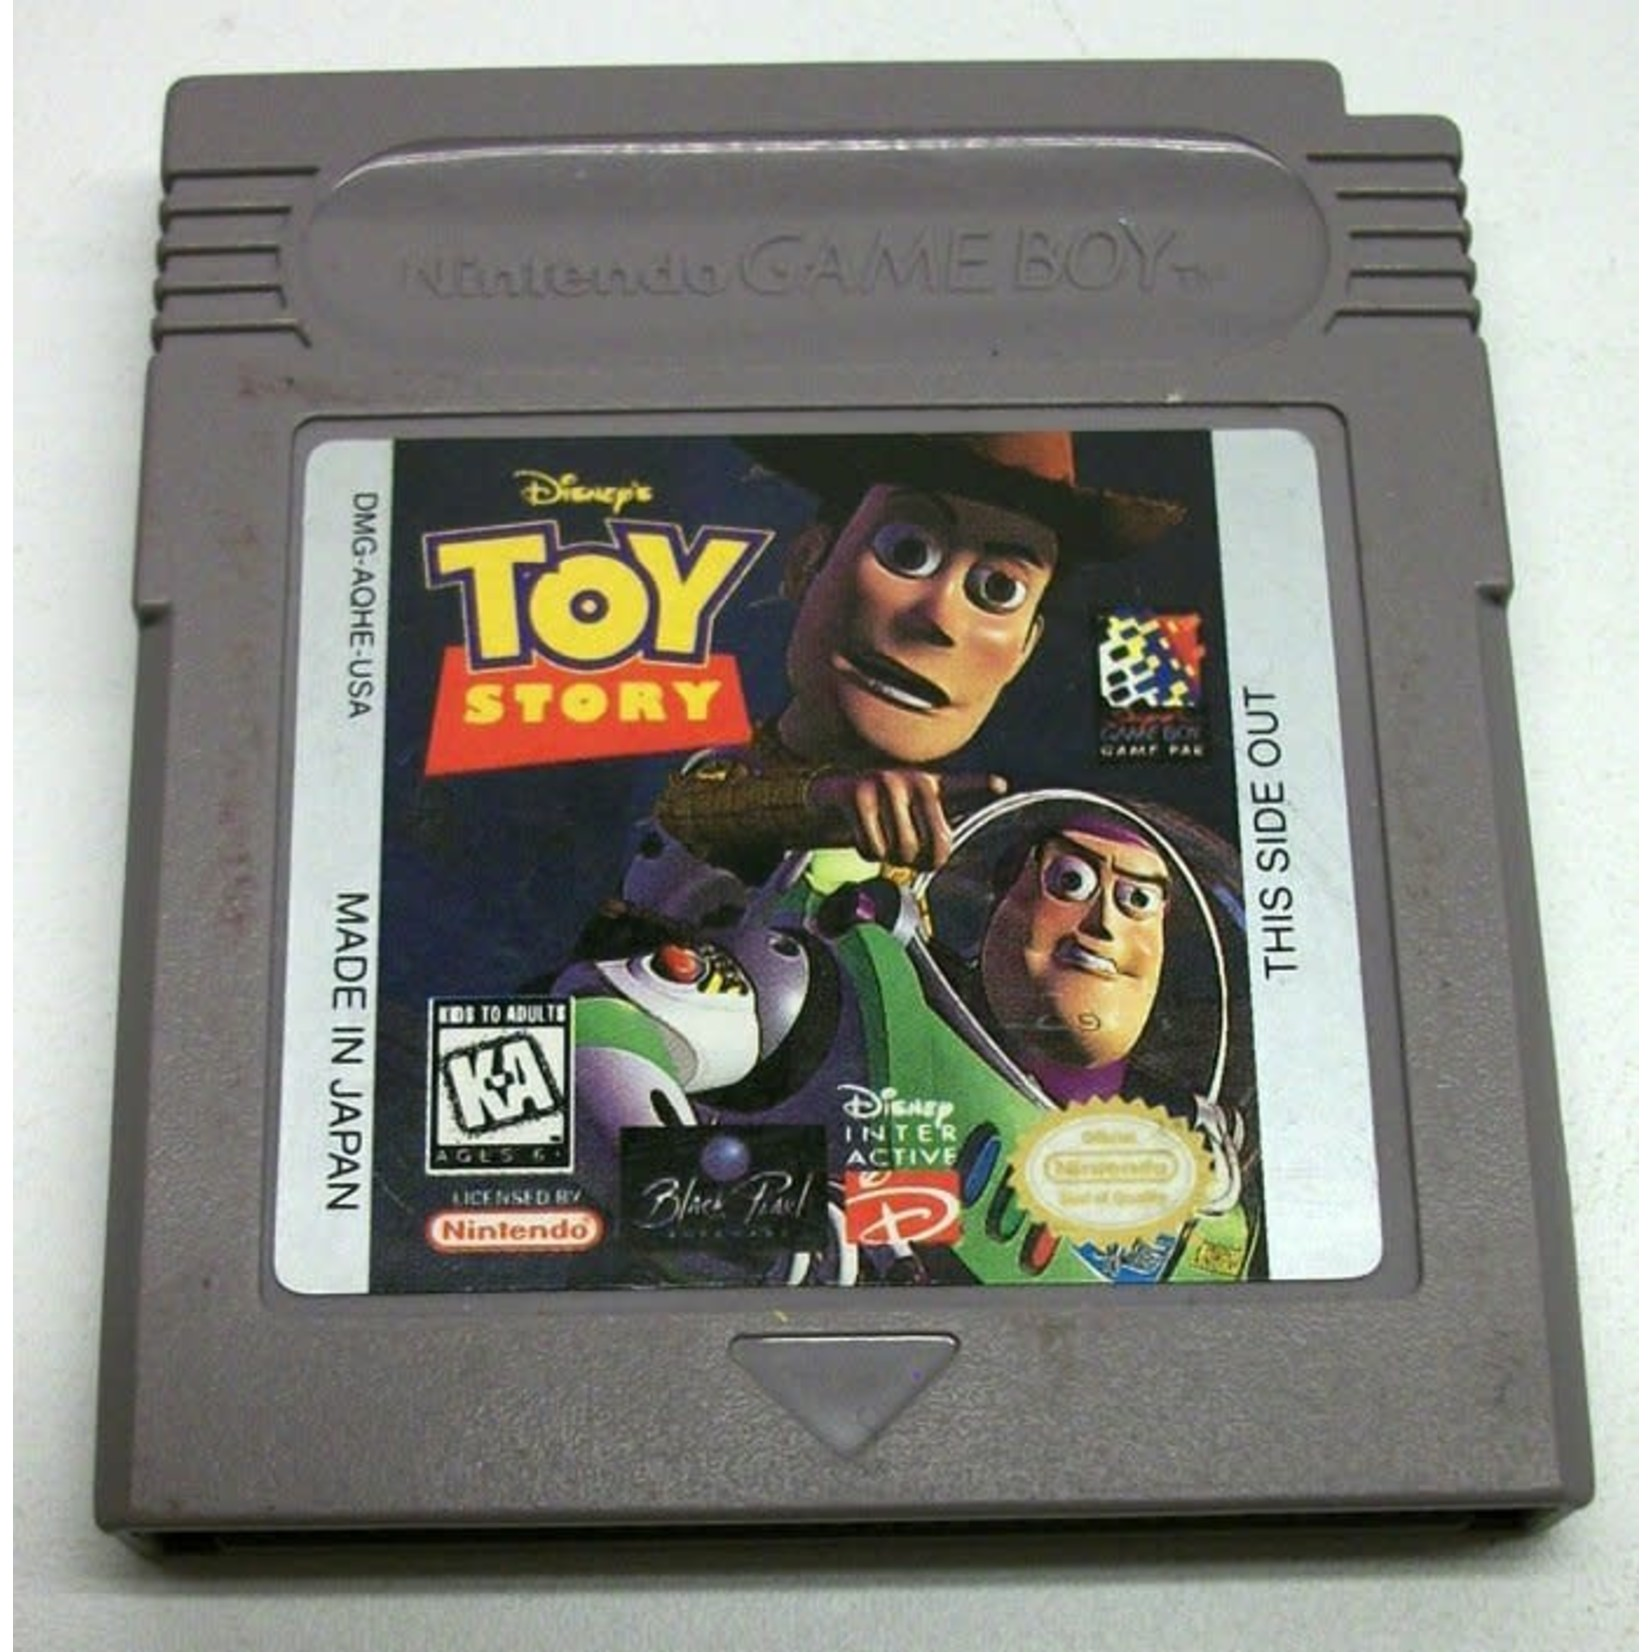 GBU-Toy Story